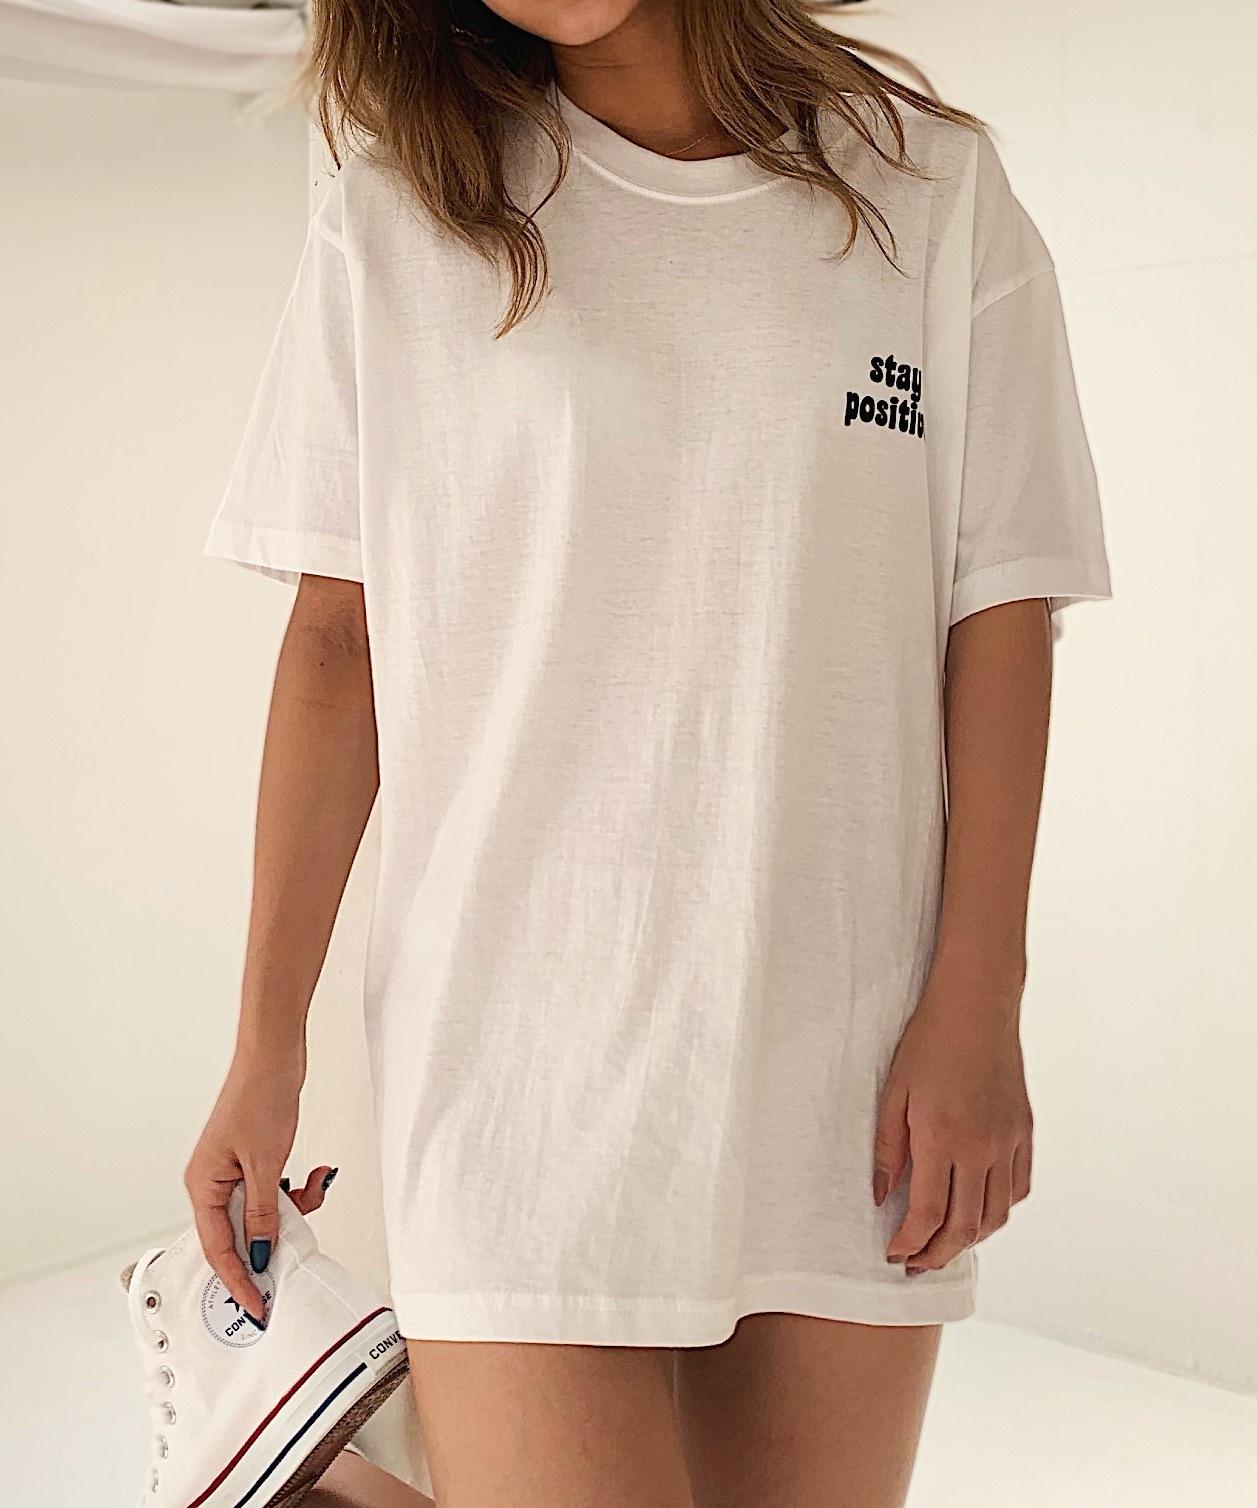 ポイントカラーロゴTシャツ